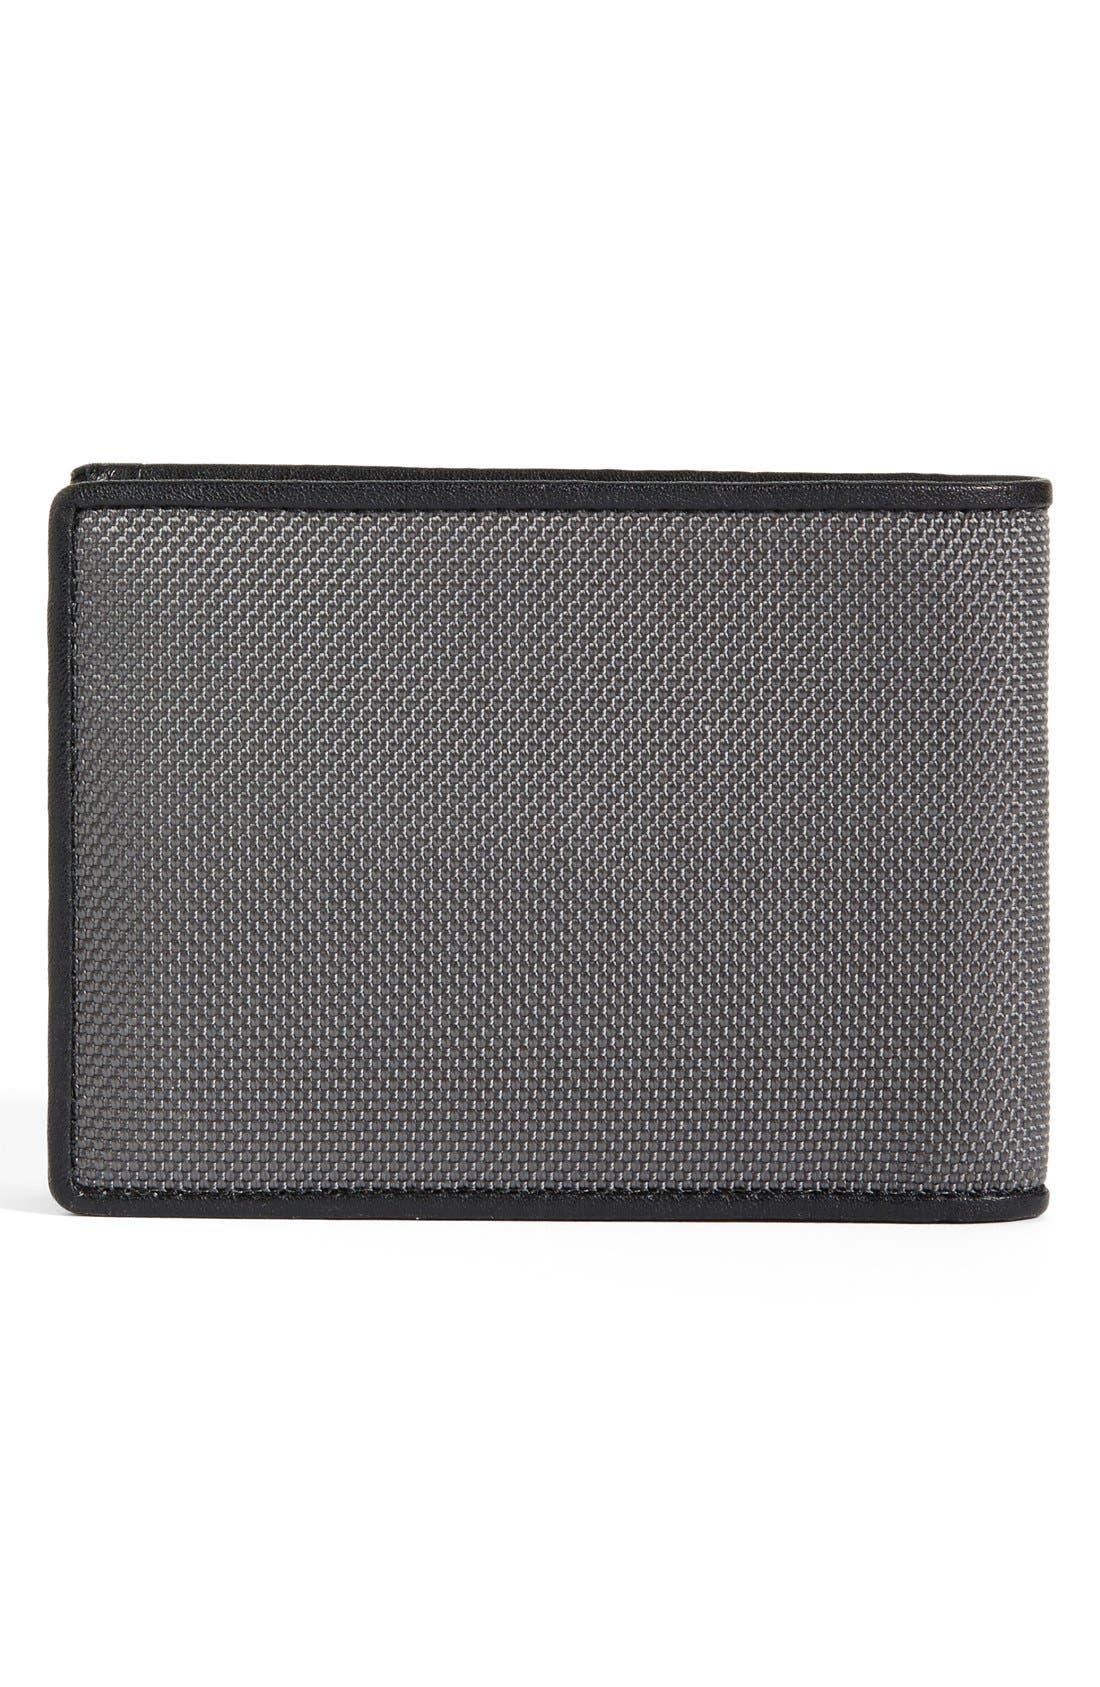 Alpha Ballistic Nylon Wallet,                             Alternate thumbnail 3, color,                             034